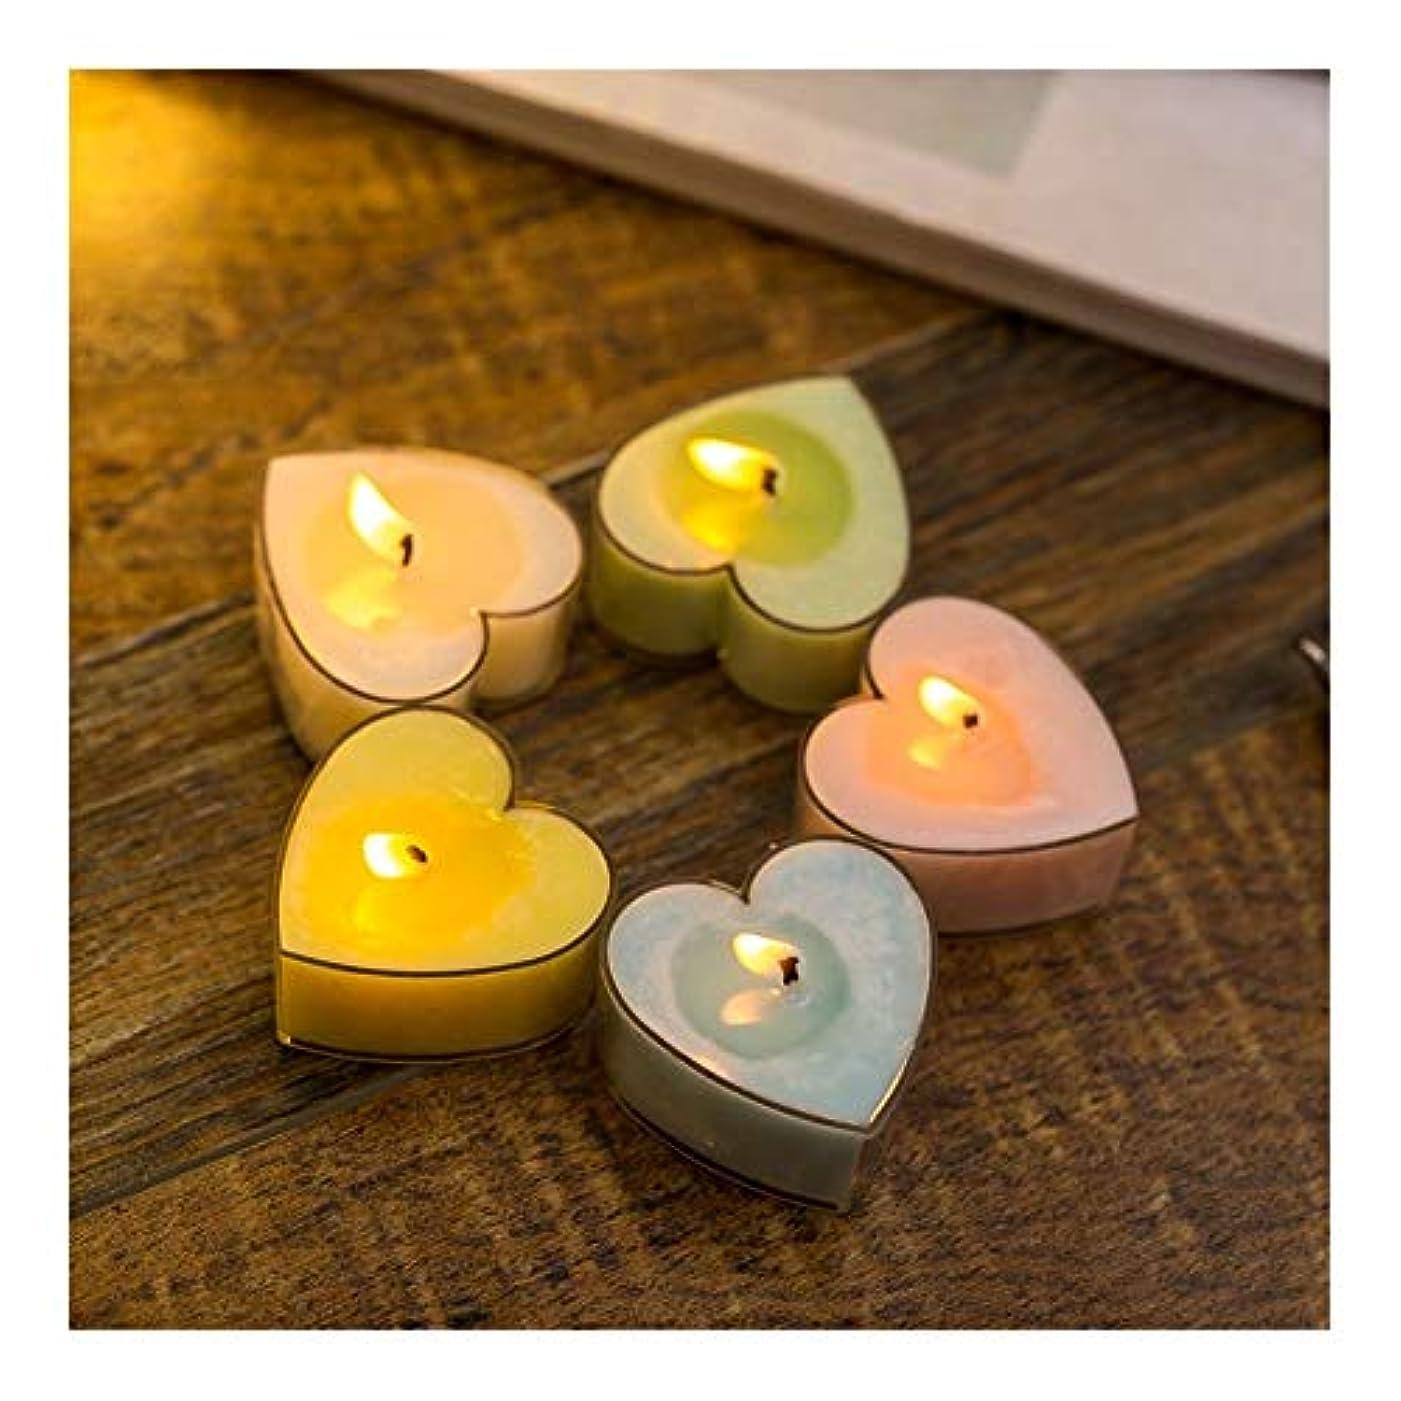 物理的にピカソ第ACAO 家の多彩なモモの中心の香料入りの蝋燭のカップルの悪いギフトの小さい蝋燭 (色 : Night scent)